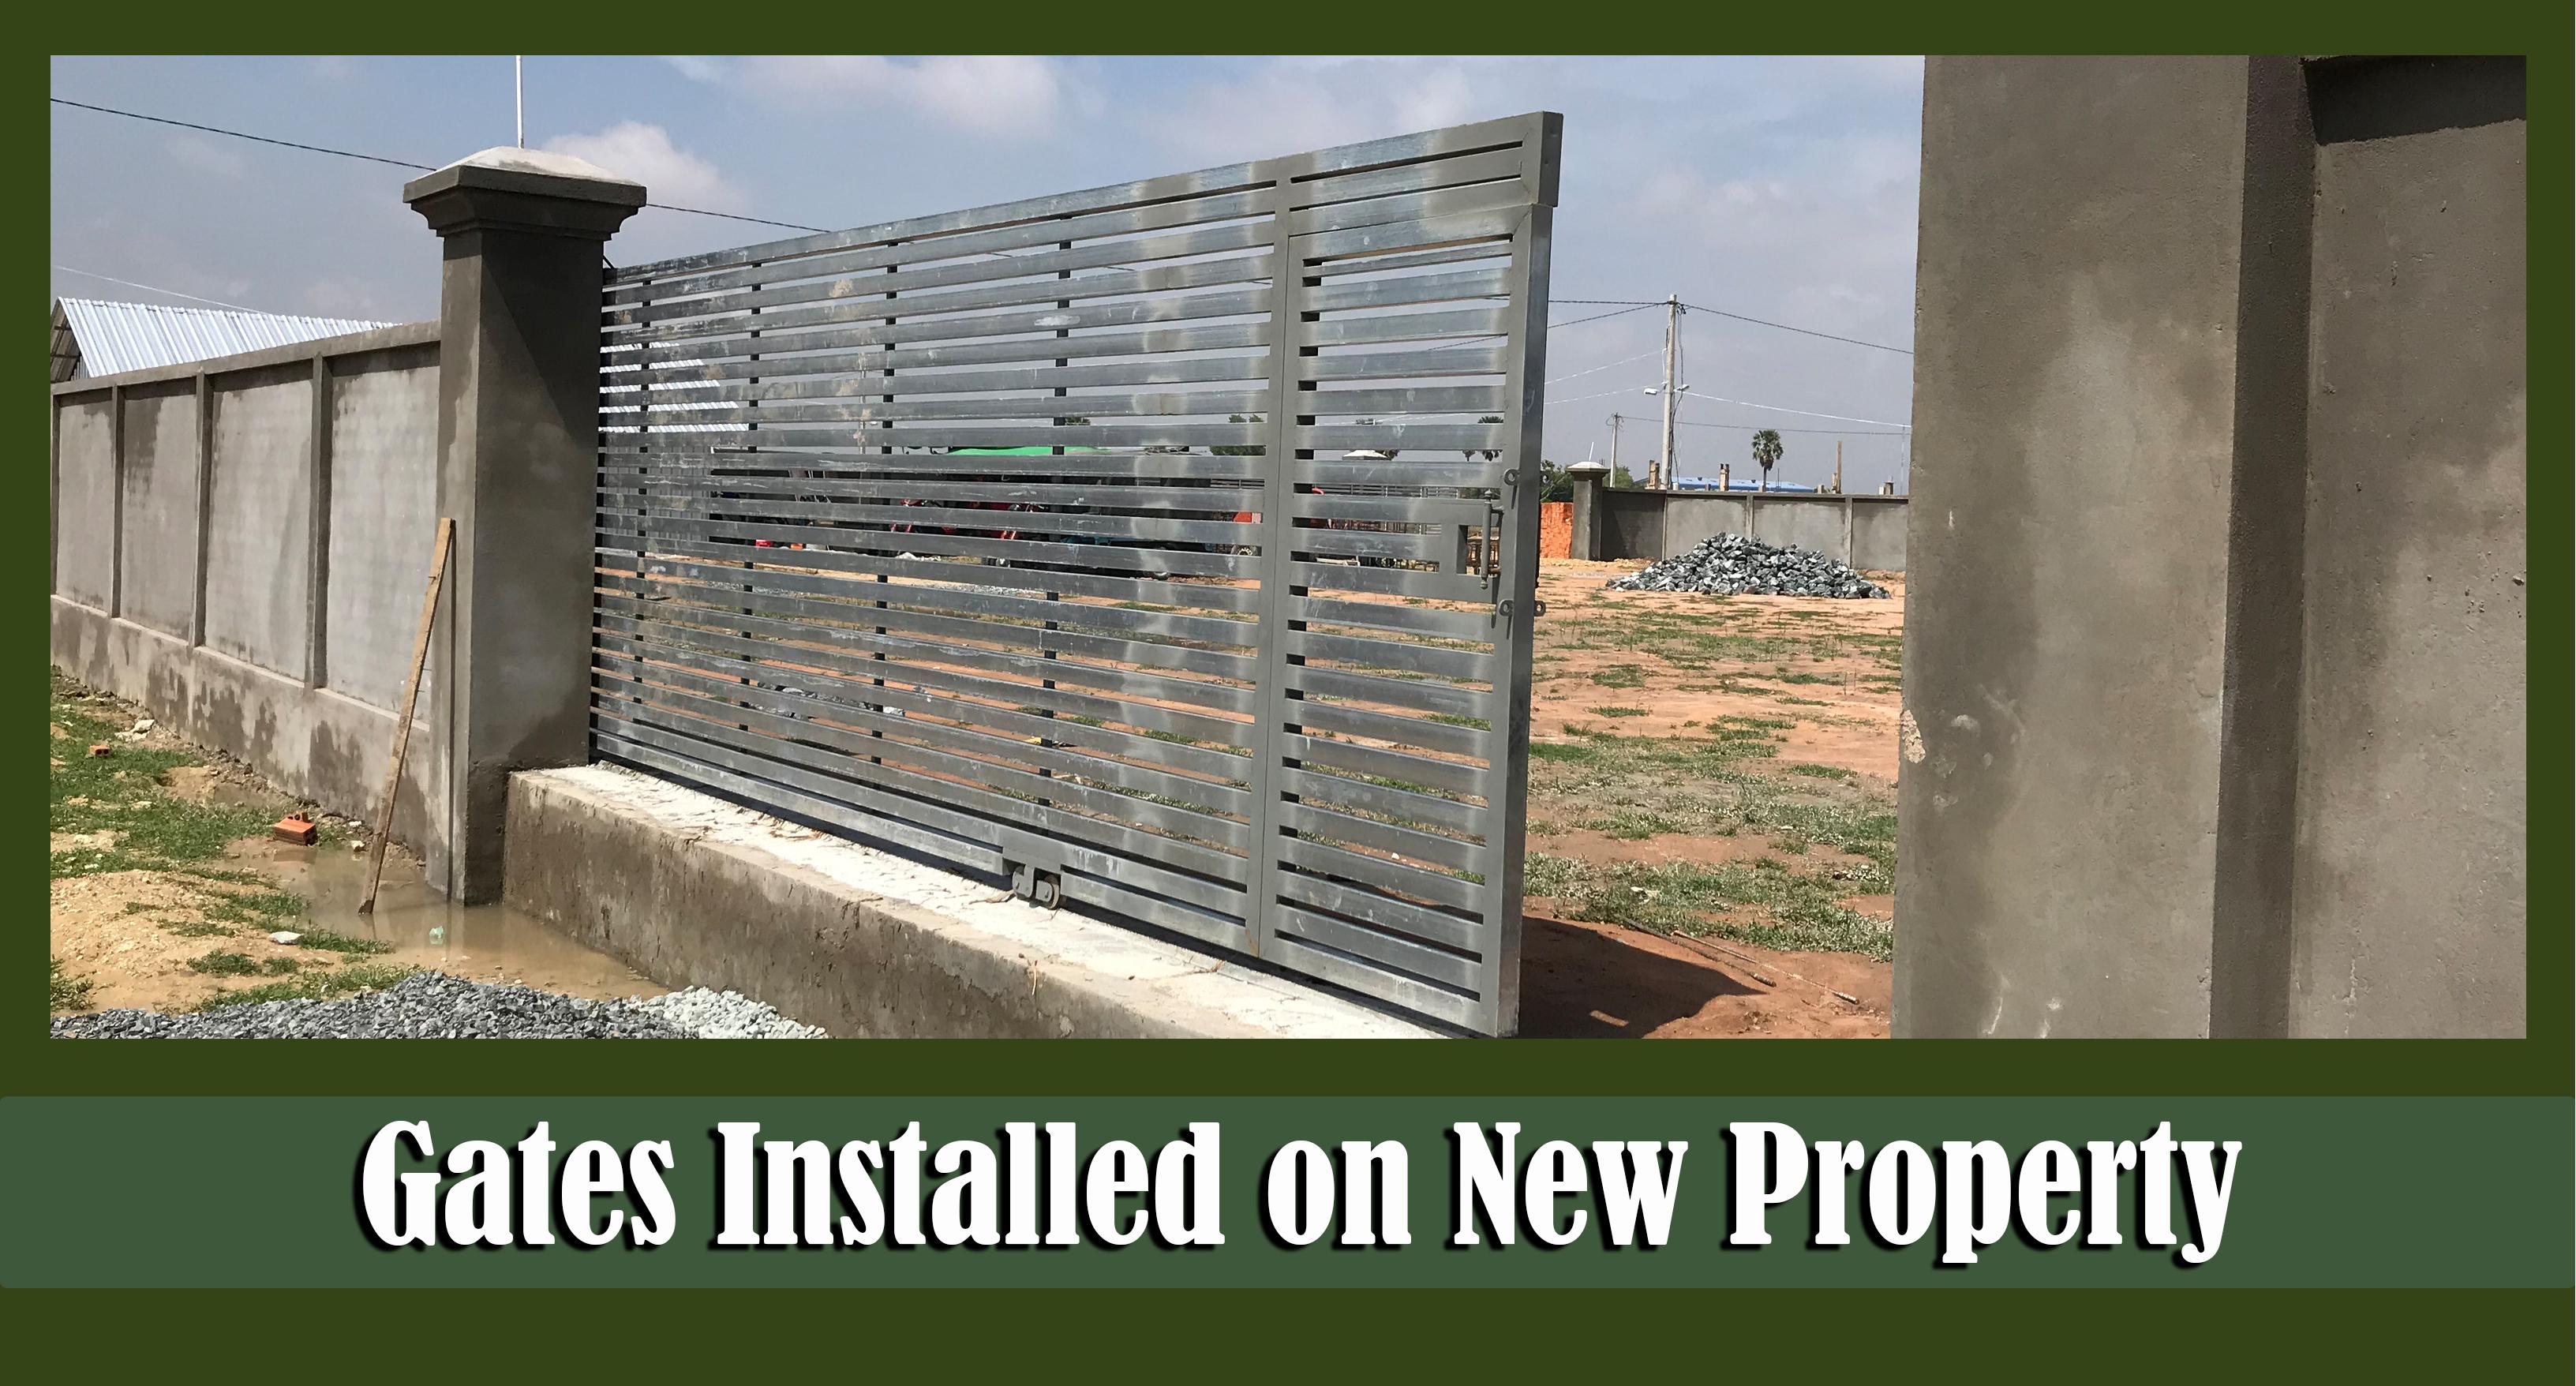 5.27.19 P V building update gates